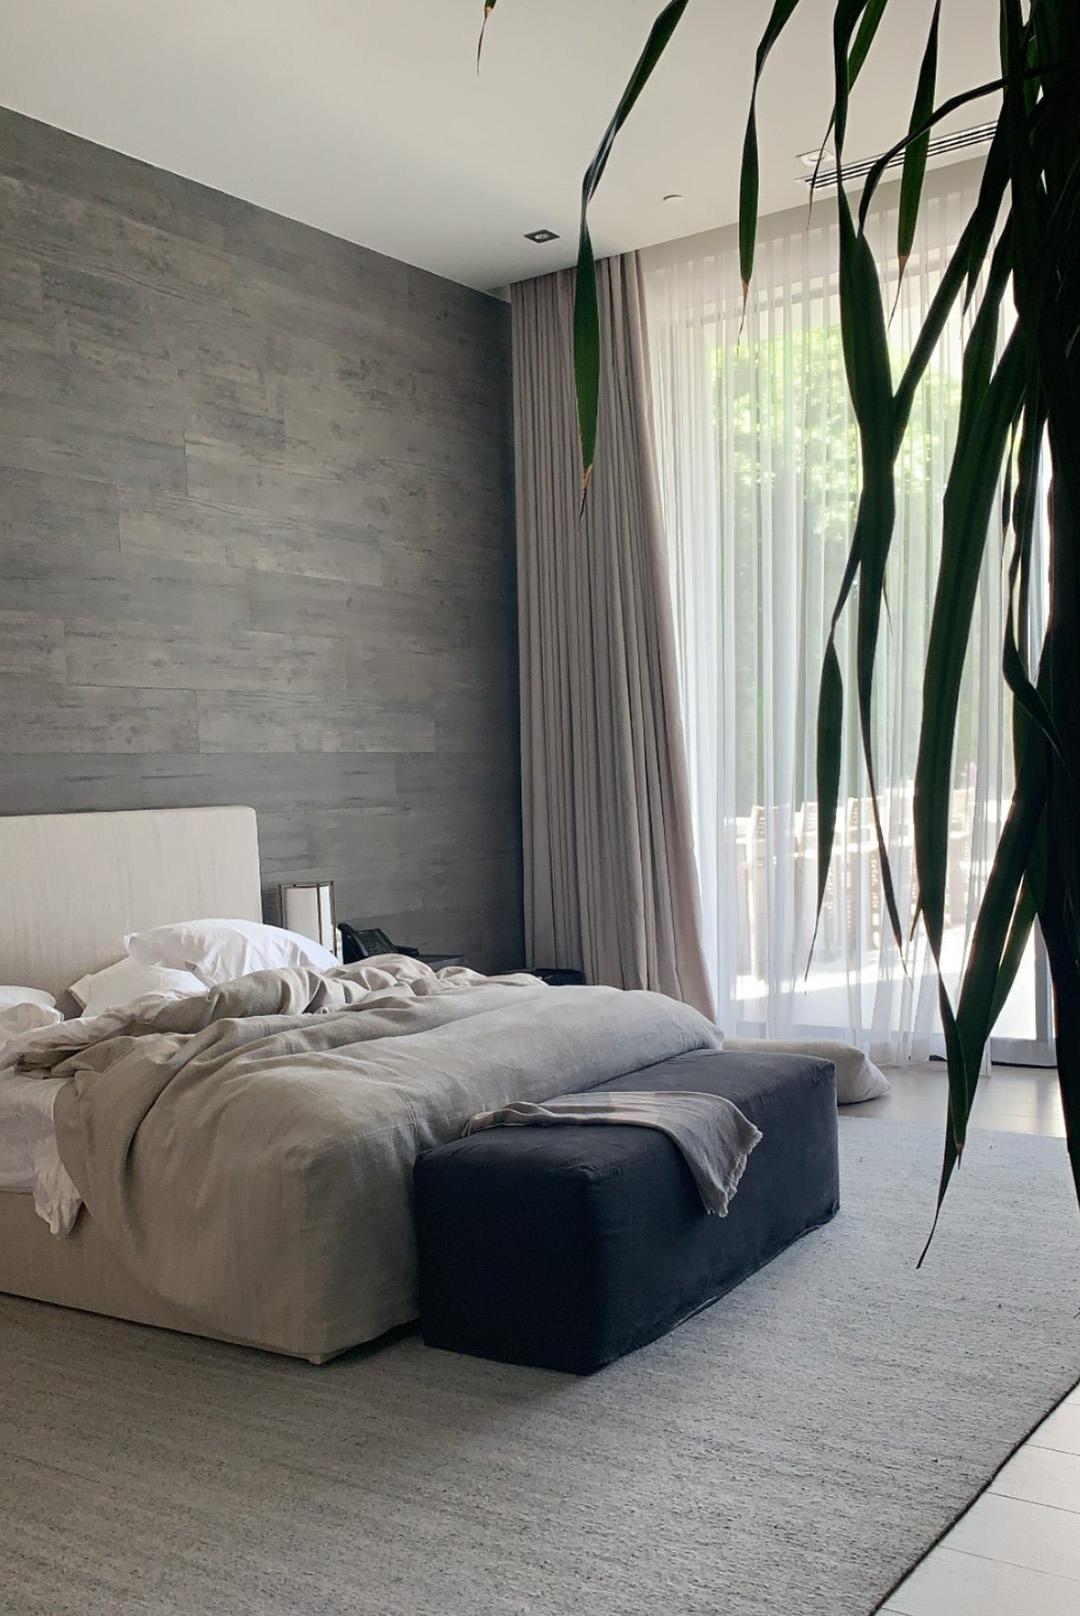 UNDER $100: BEDROOM ESSENTIALS <em>Inspired by Kourt's Palm Springs Room</em>